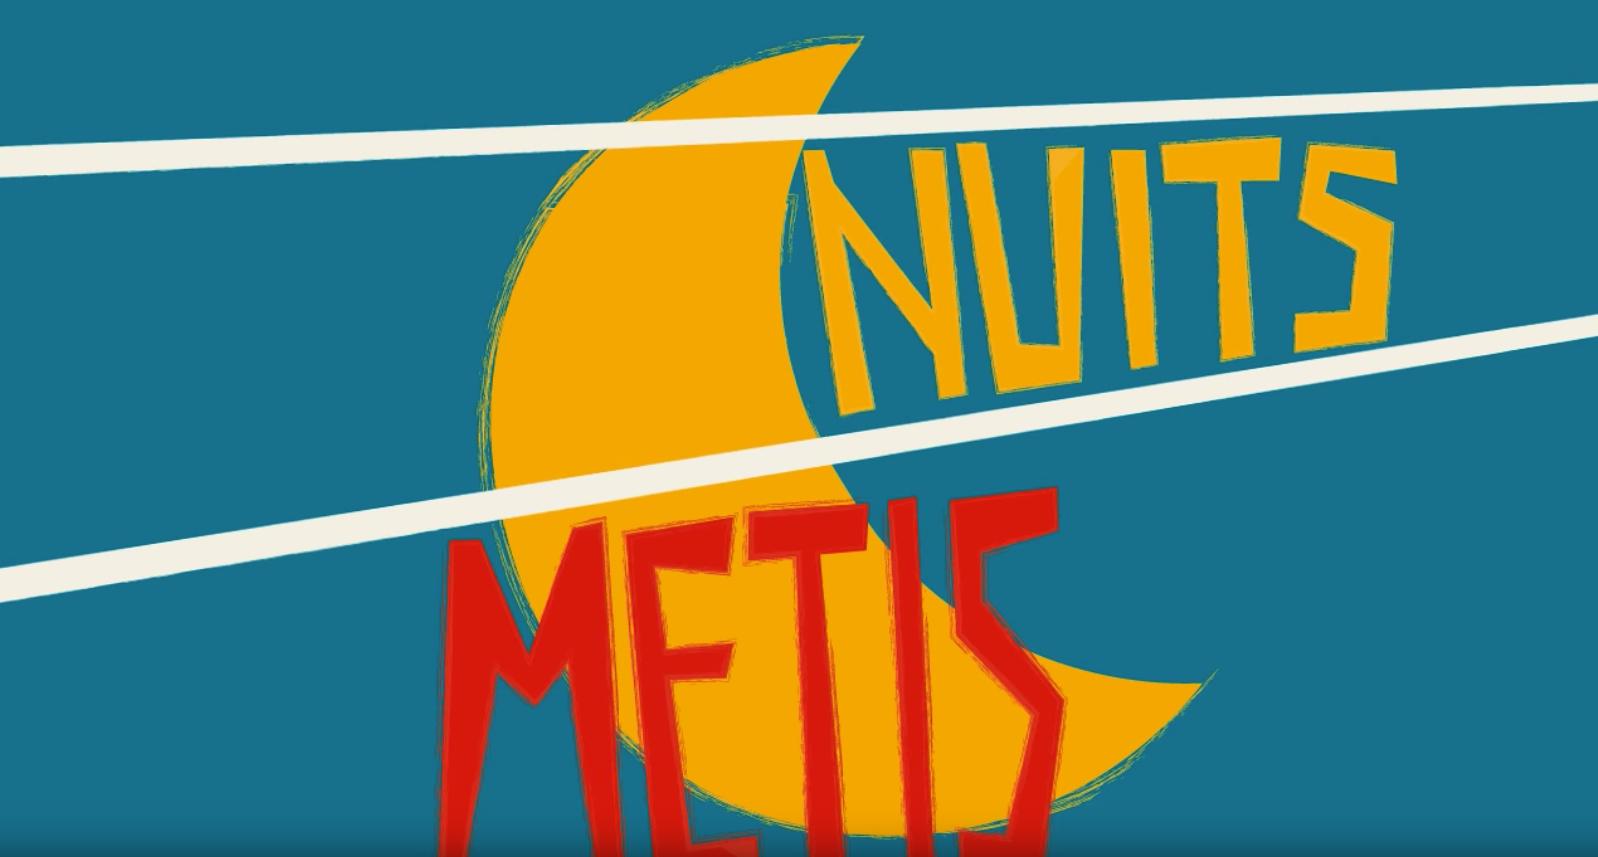 Nuits Métis